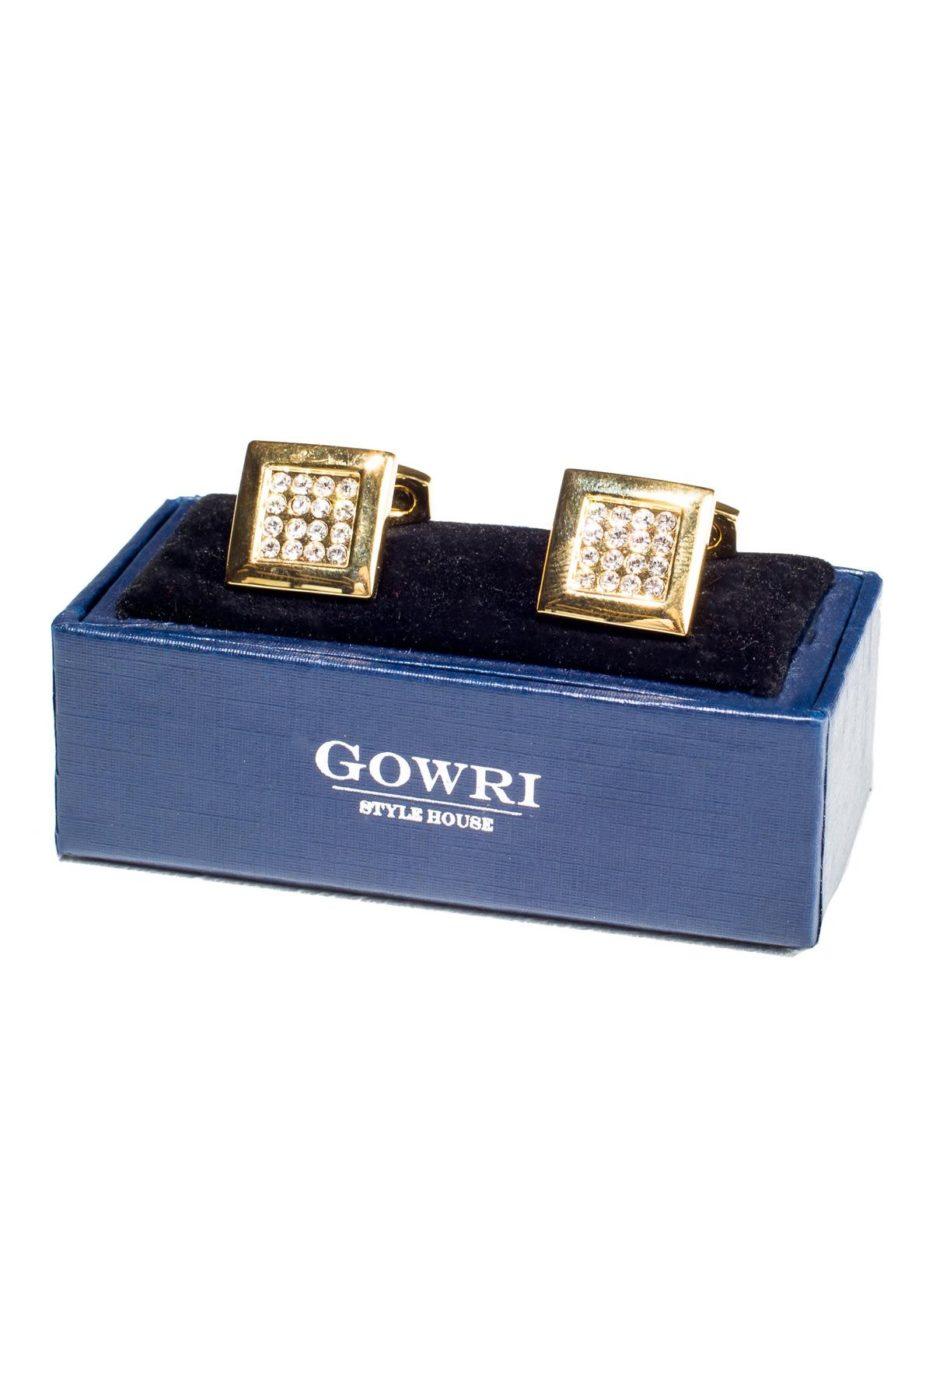 Golden Cufflinks with Swarovski Crystals